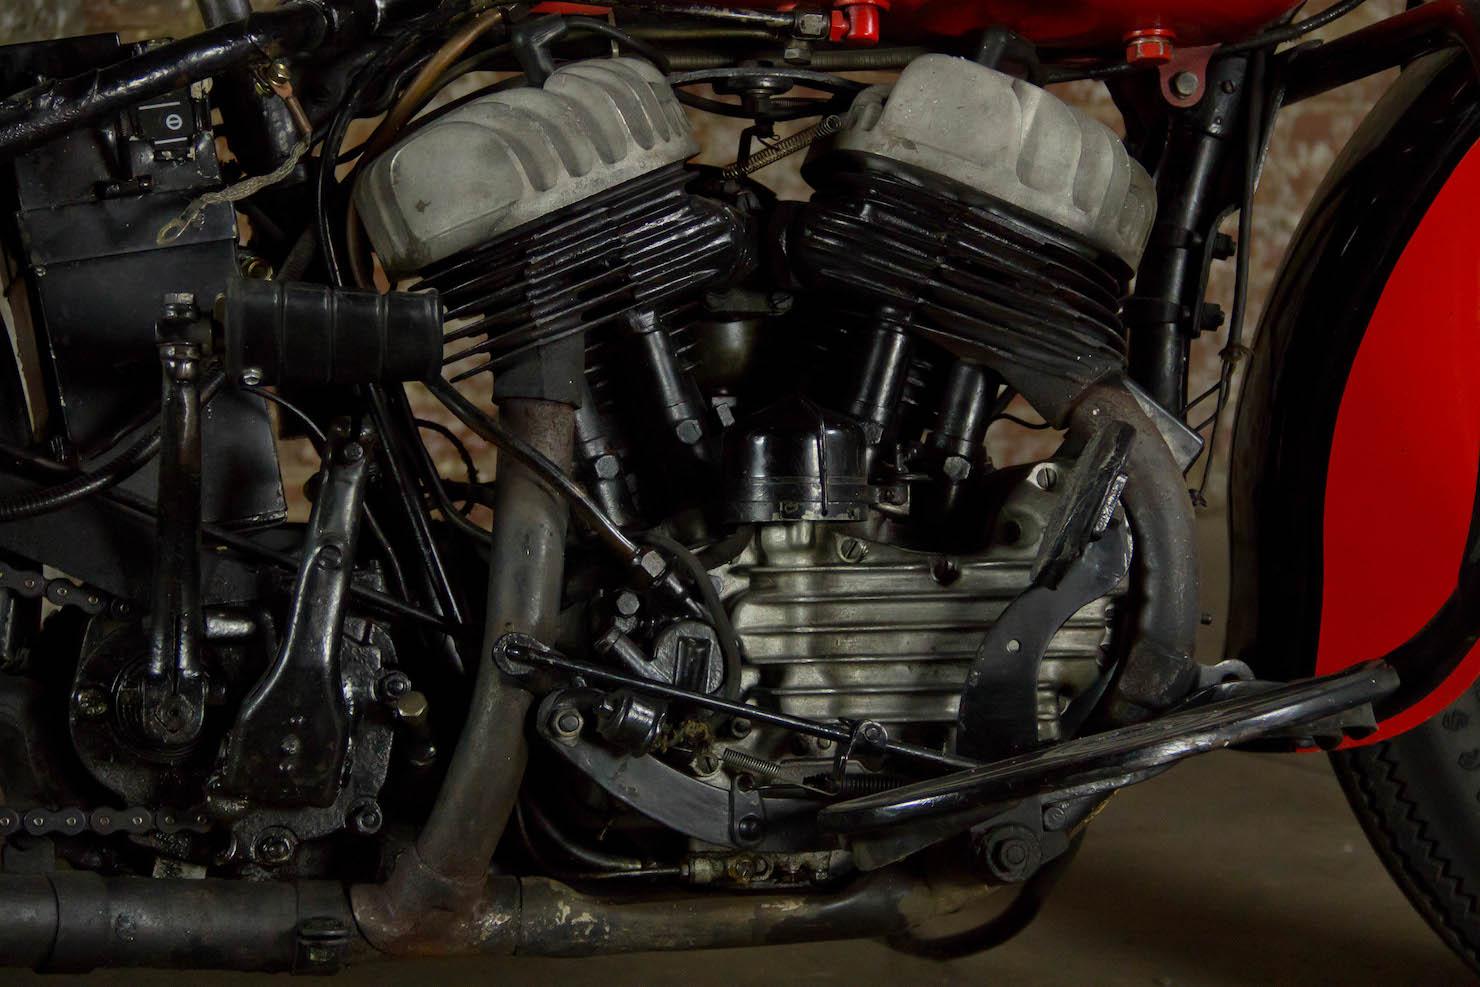 Harley-Davidson WLA 5